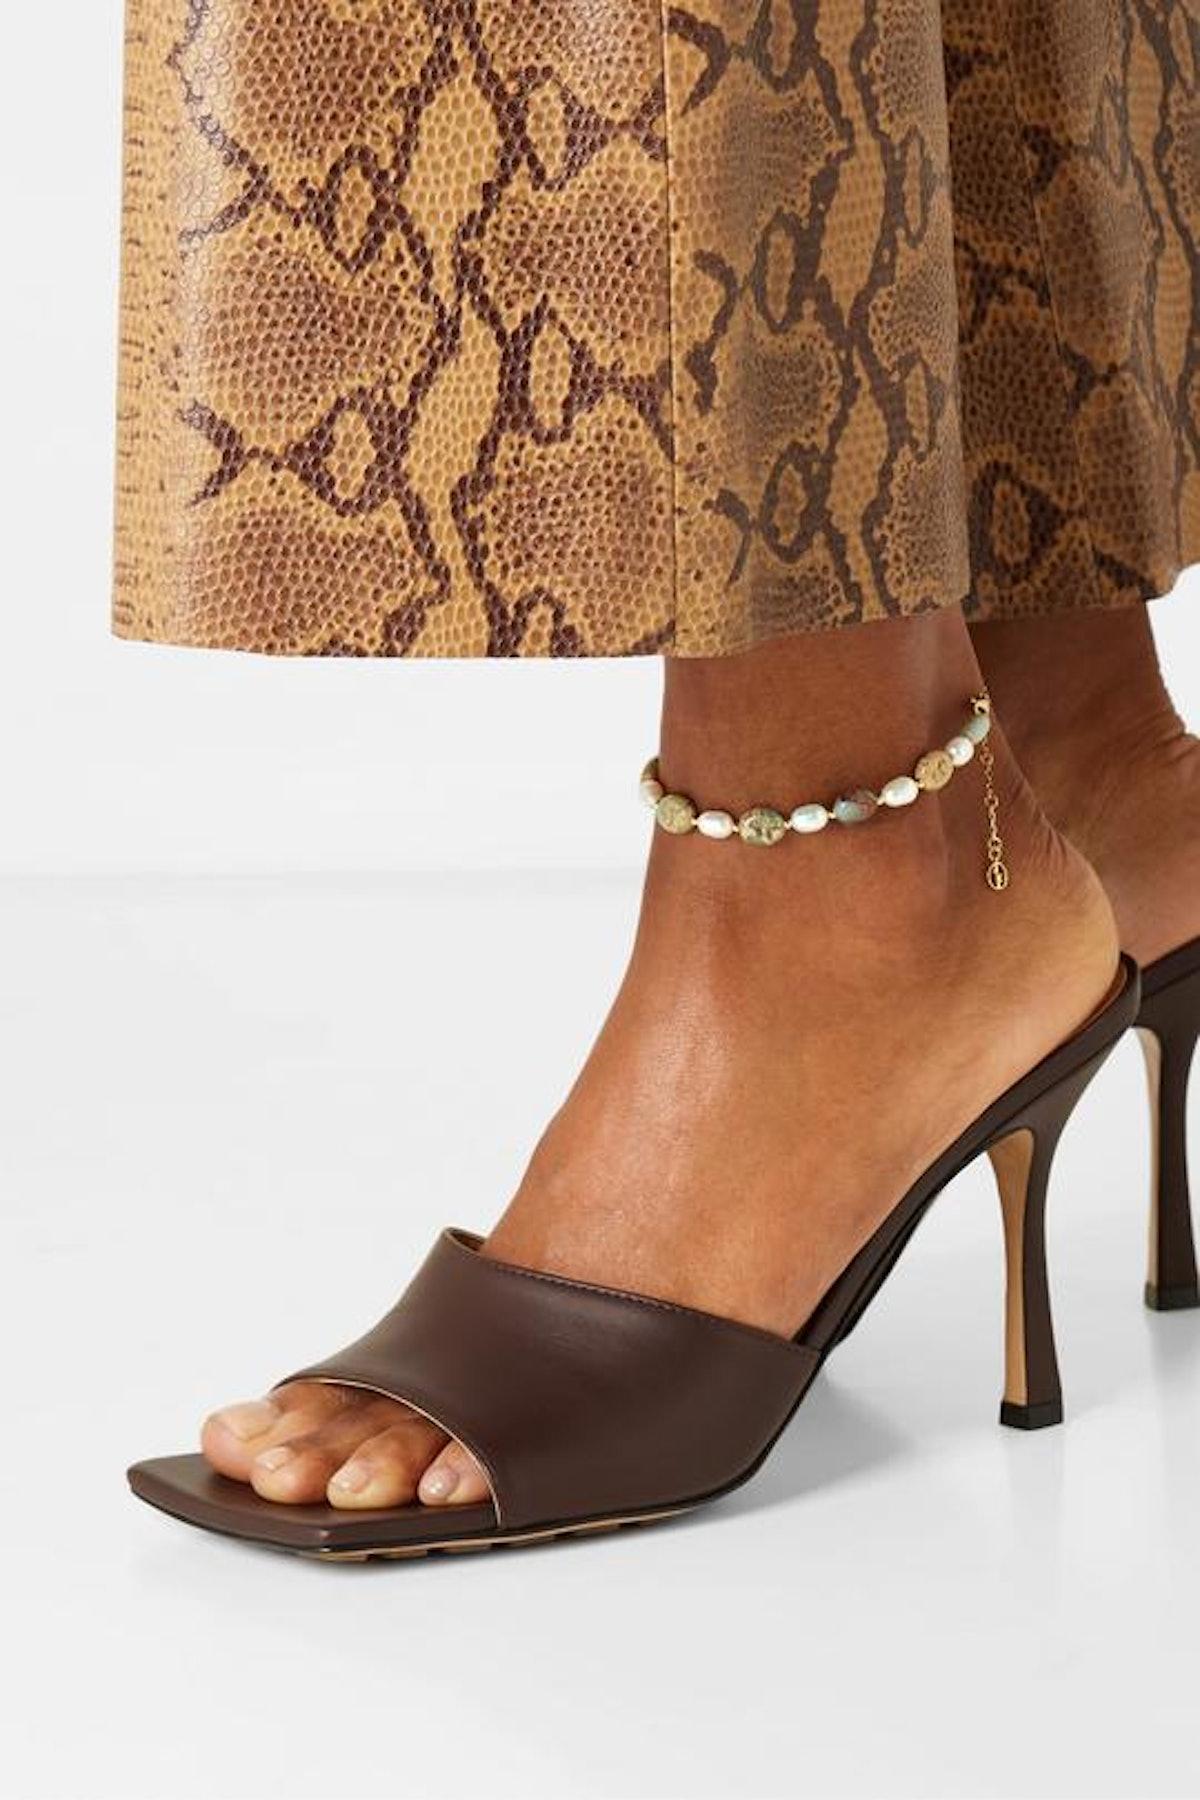 Serpent Anklet